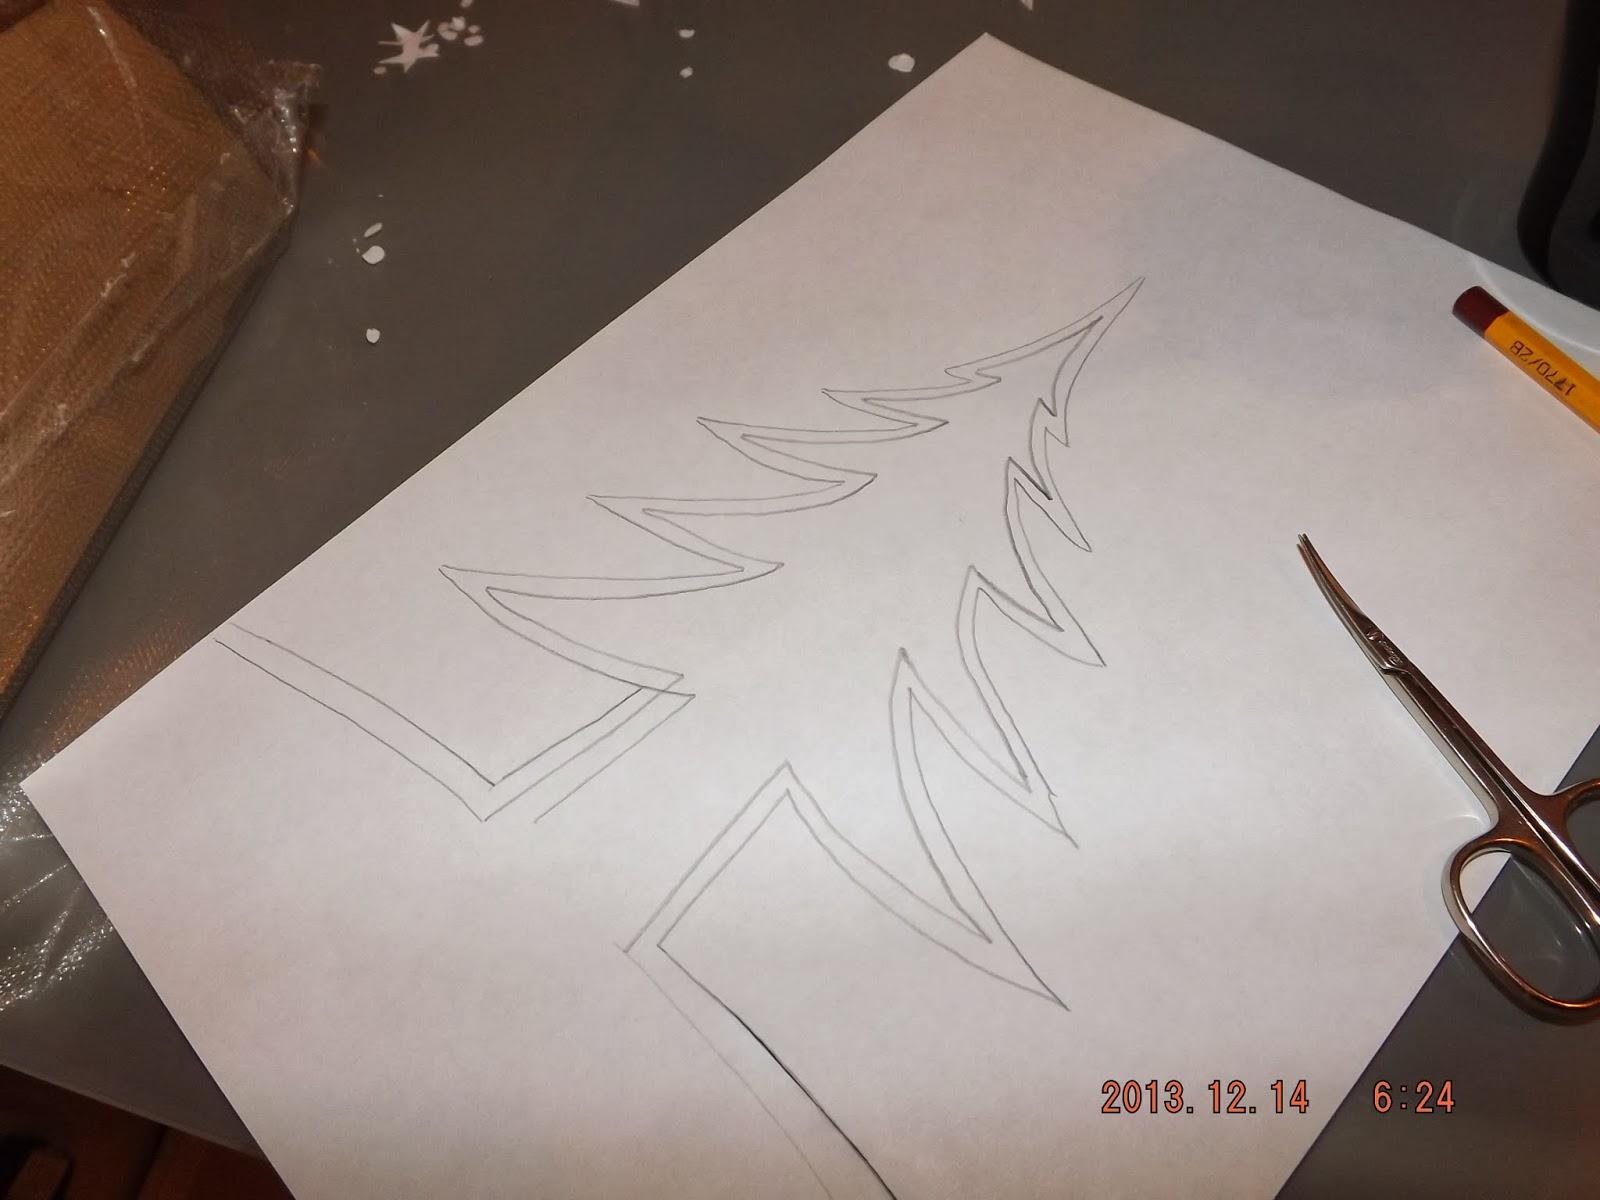 Ollóval kivágjuk a sablont papírból